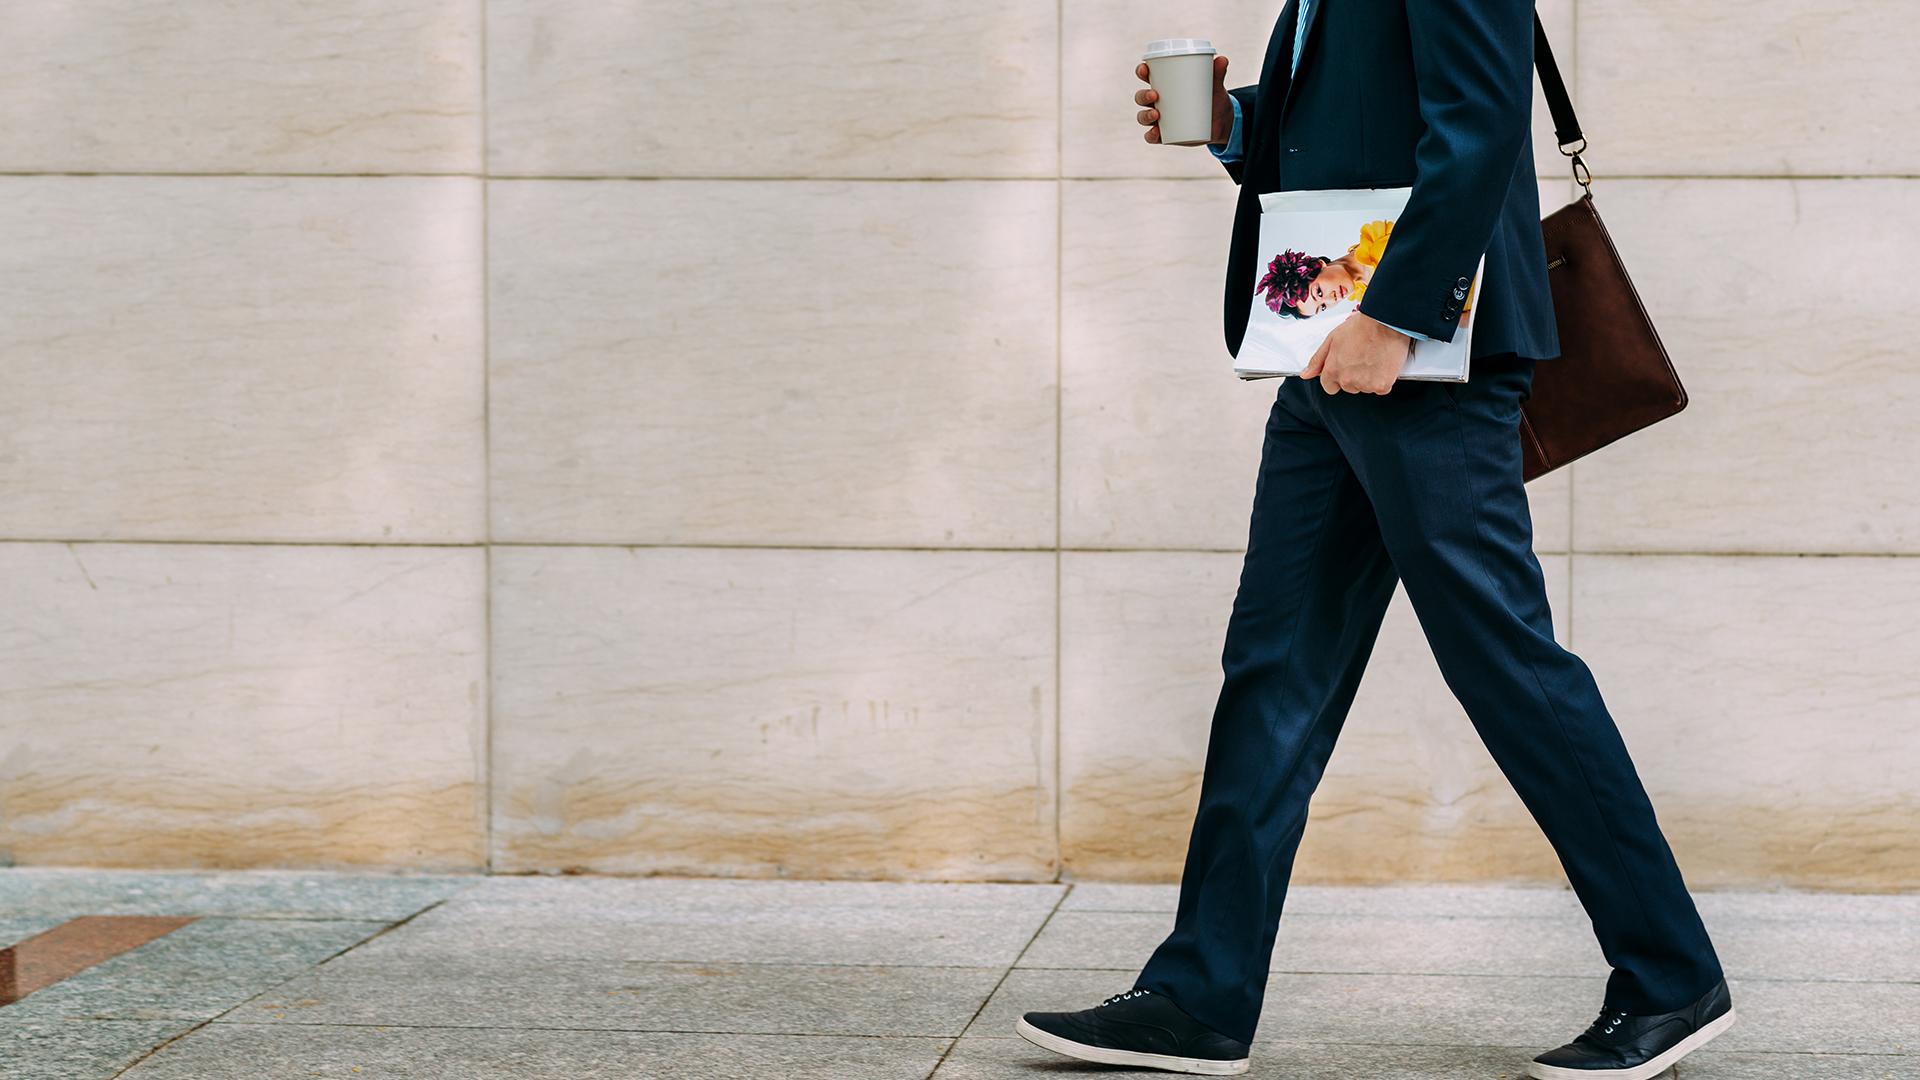 Bajarse antes del colectivo y caminar hasta el trabajo es una manera de estar activo (Shutterstock)